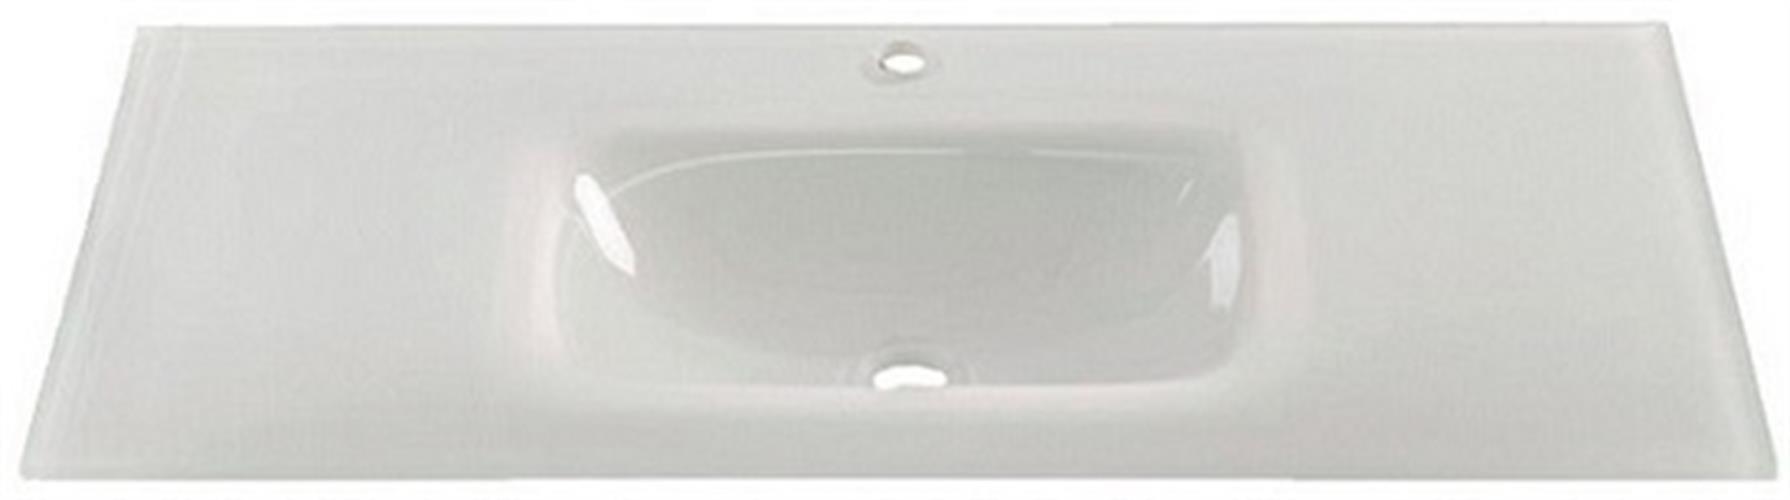 משטח כיור אינטגרלי זכוכית מידה 62/46